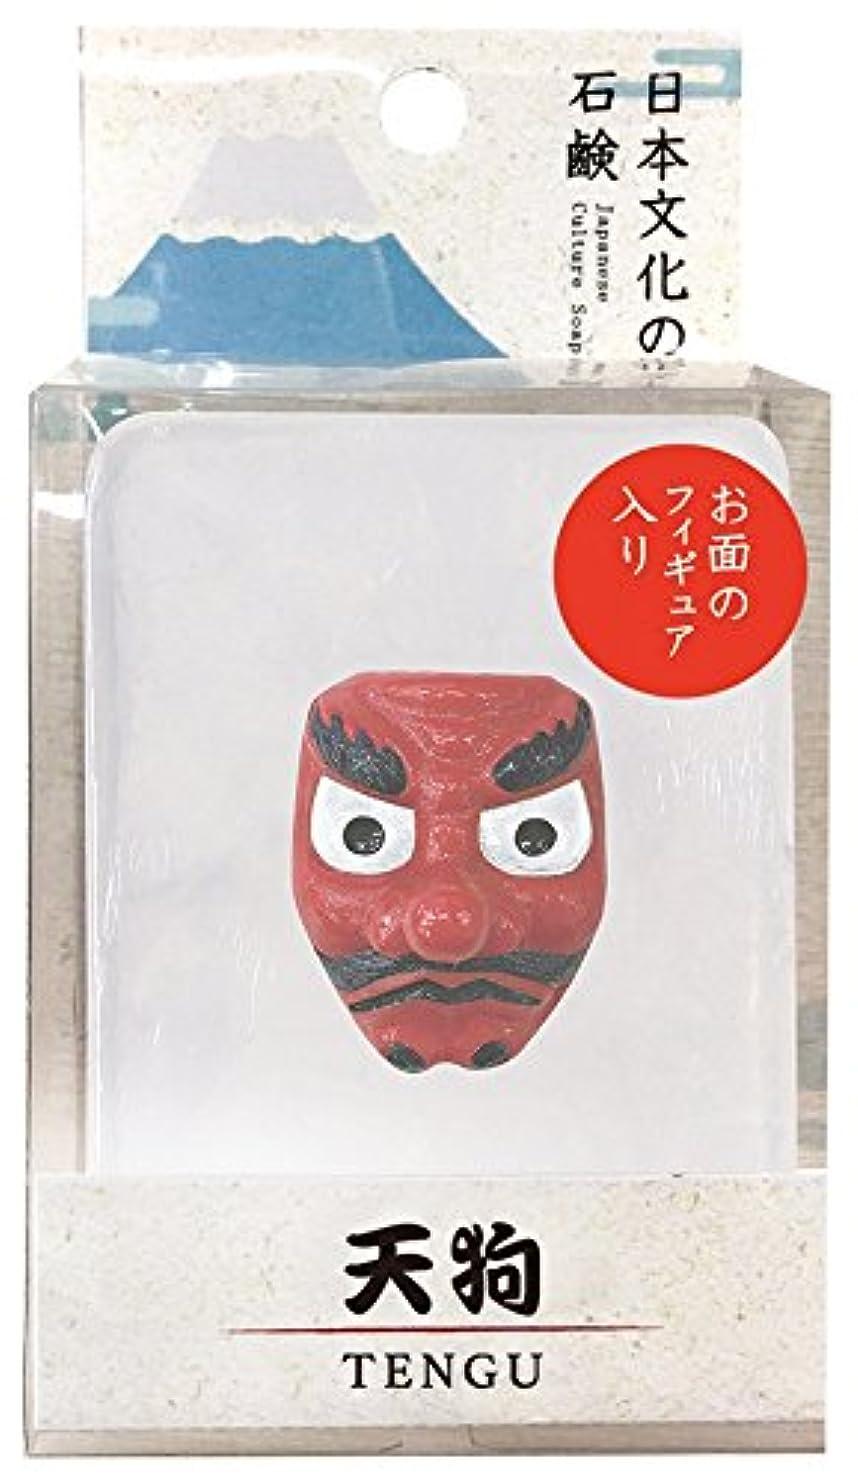 ノルコーポレーション 石鹸 日本文化の石鹸 天狗 140g フィギュア付き OB-JCP-1-5